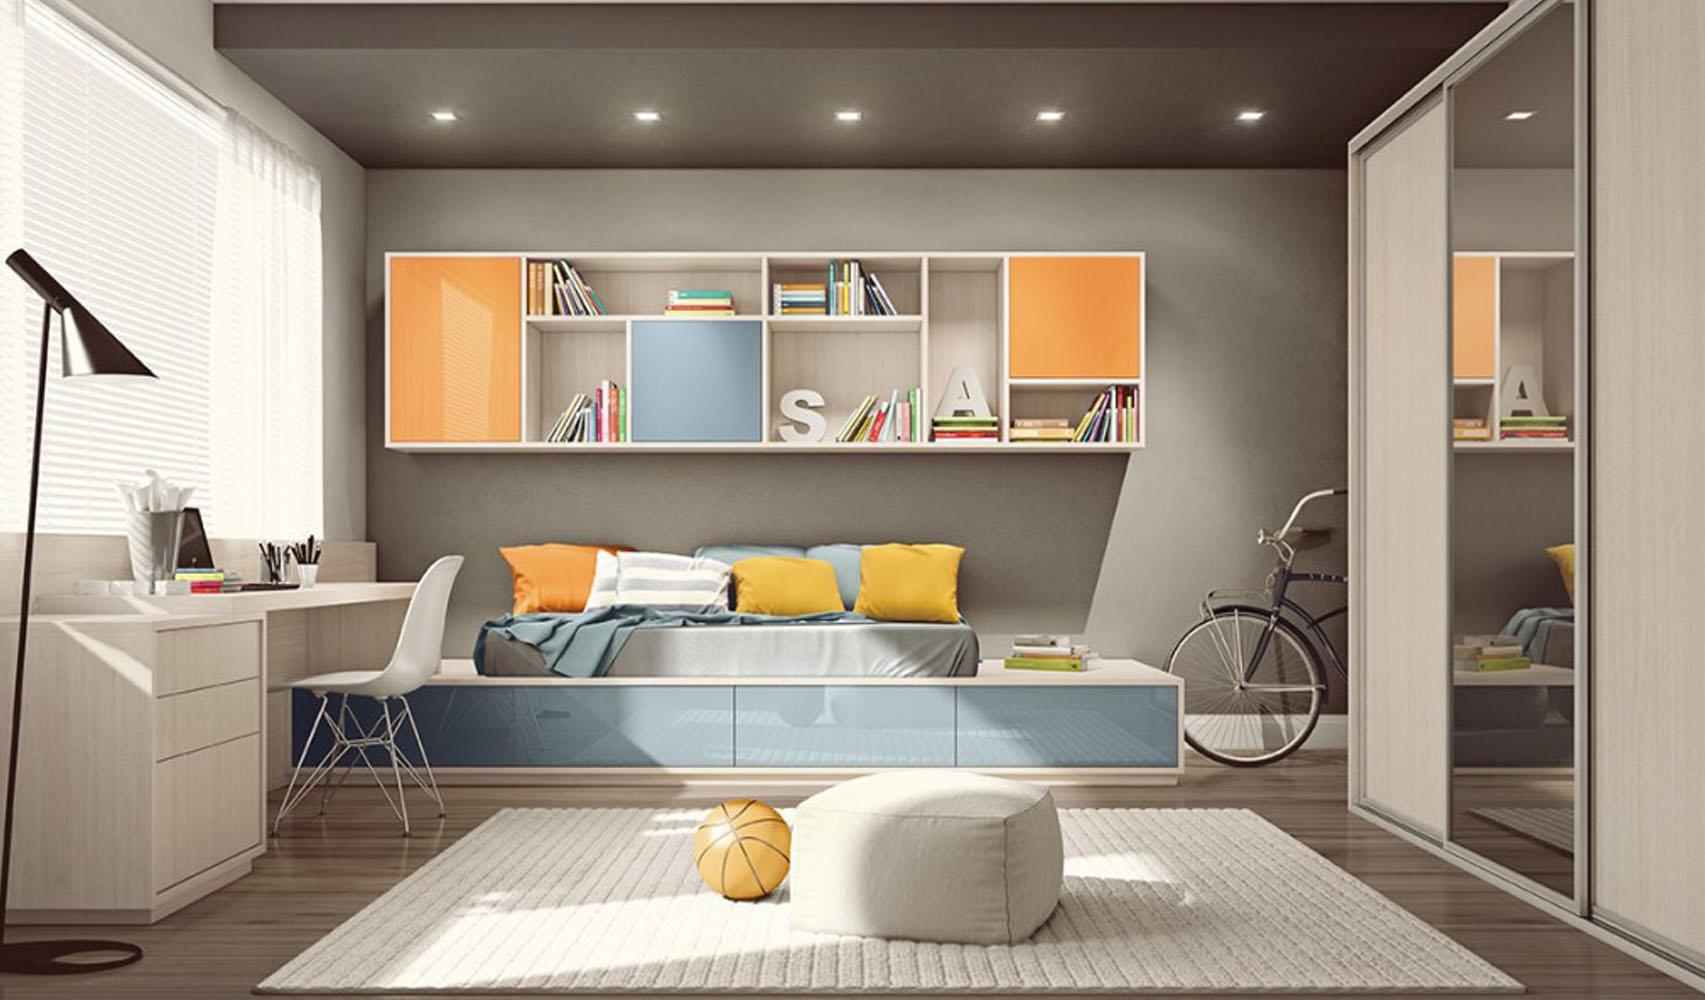 Casa Nostra Interiori Decora O Arquitetura Ambientes  ~ Projeto De Quarto De Solteiro E Quarto Roxo E Verde Agua